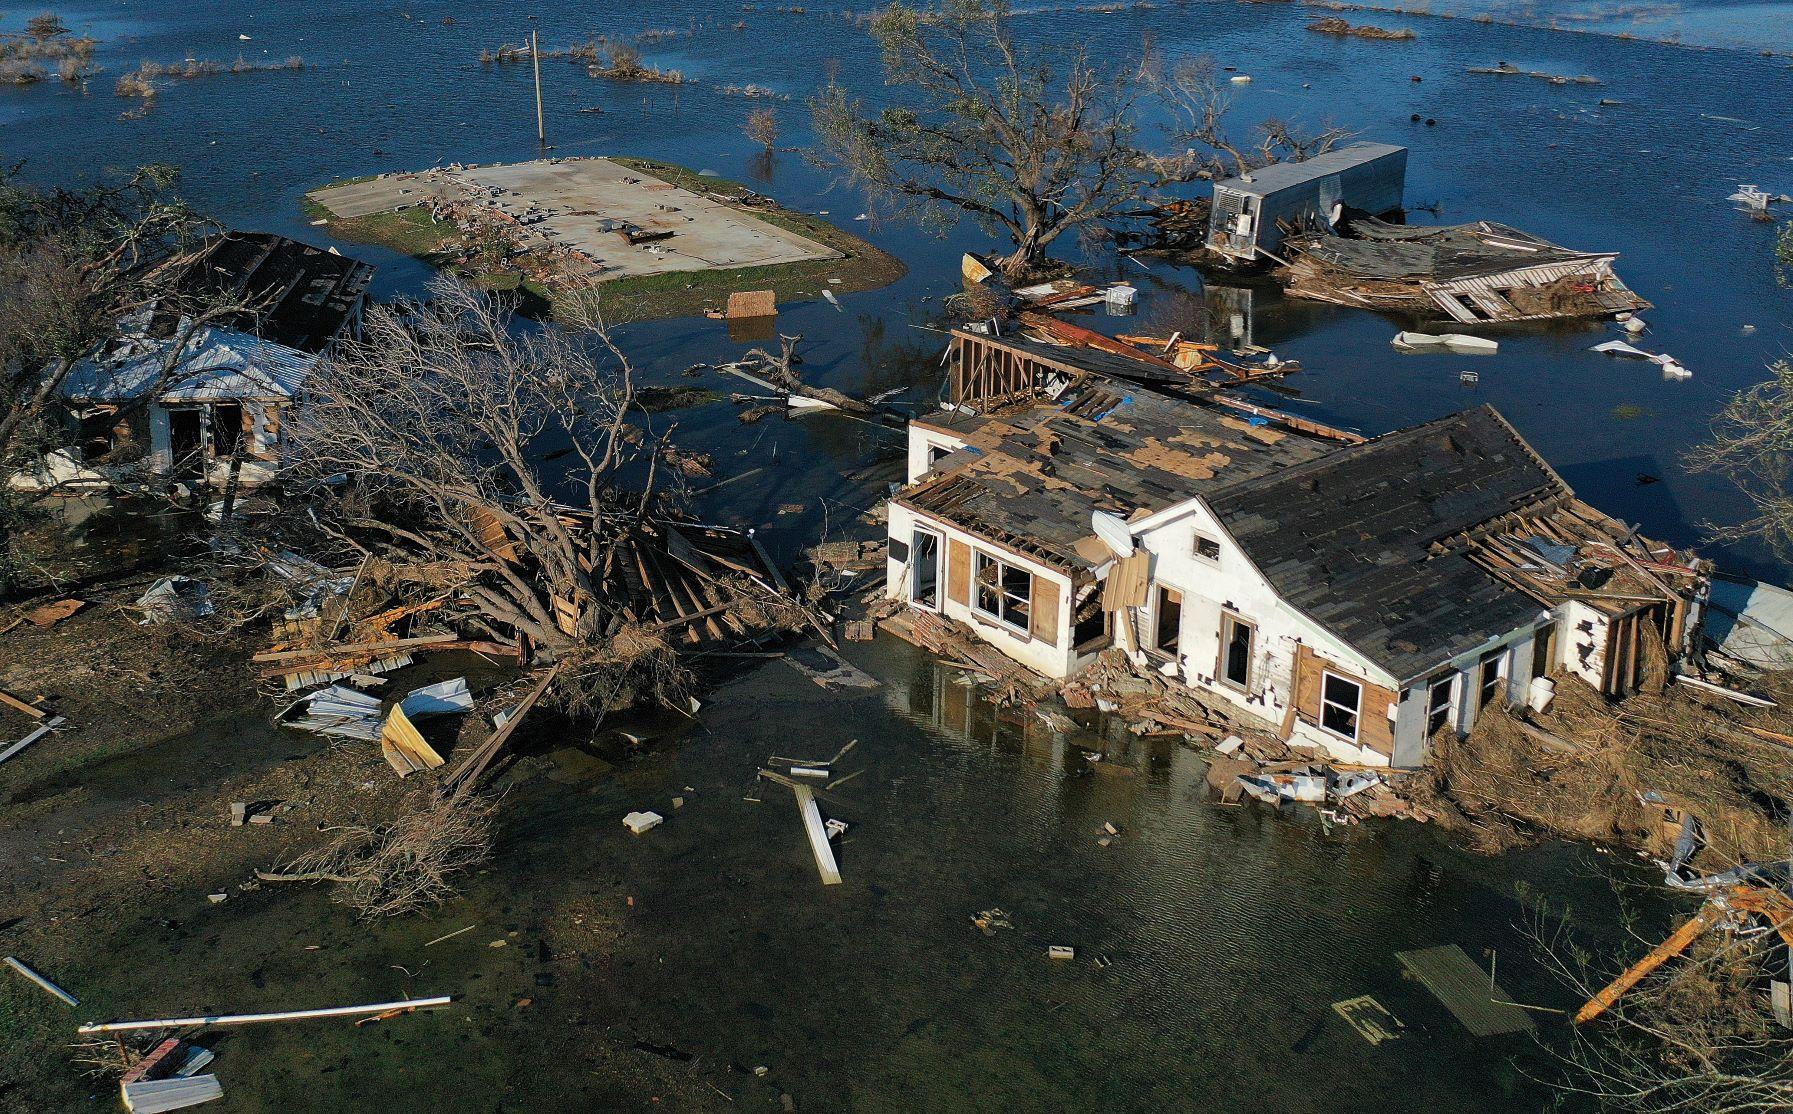 Casas destruídas pela passagem do furacão Delta no estado americano da Louisiana: 2020 registra temporada recorde de furacões (Foto: Mario Tama/AFP)